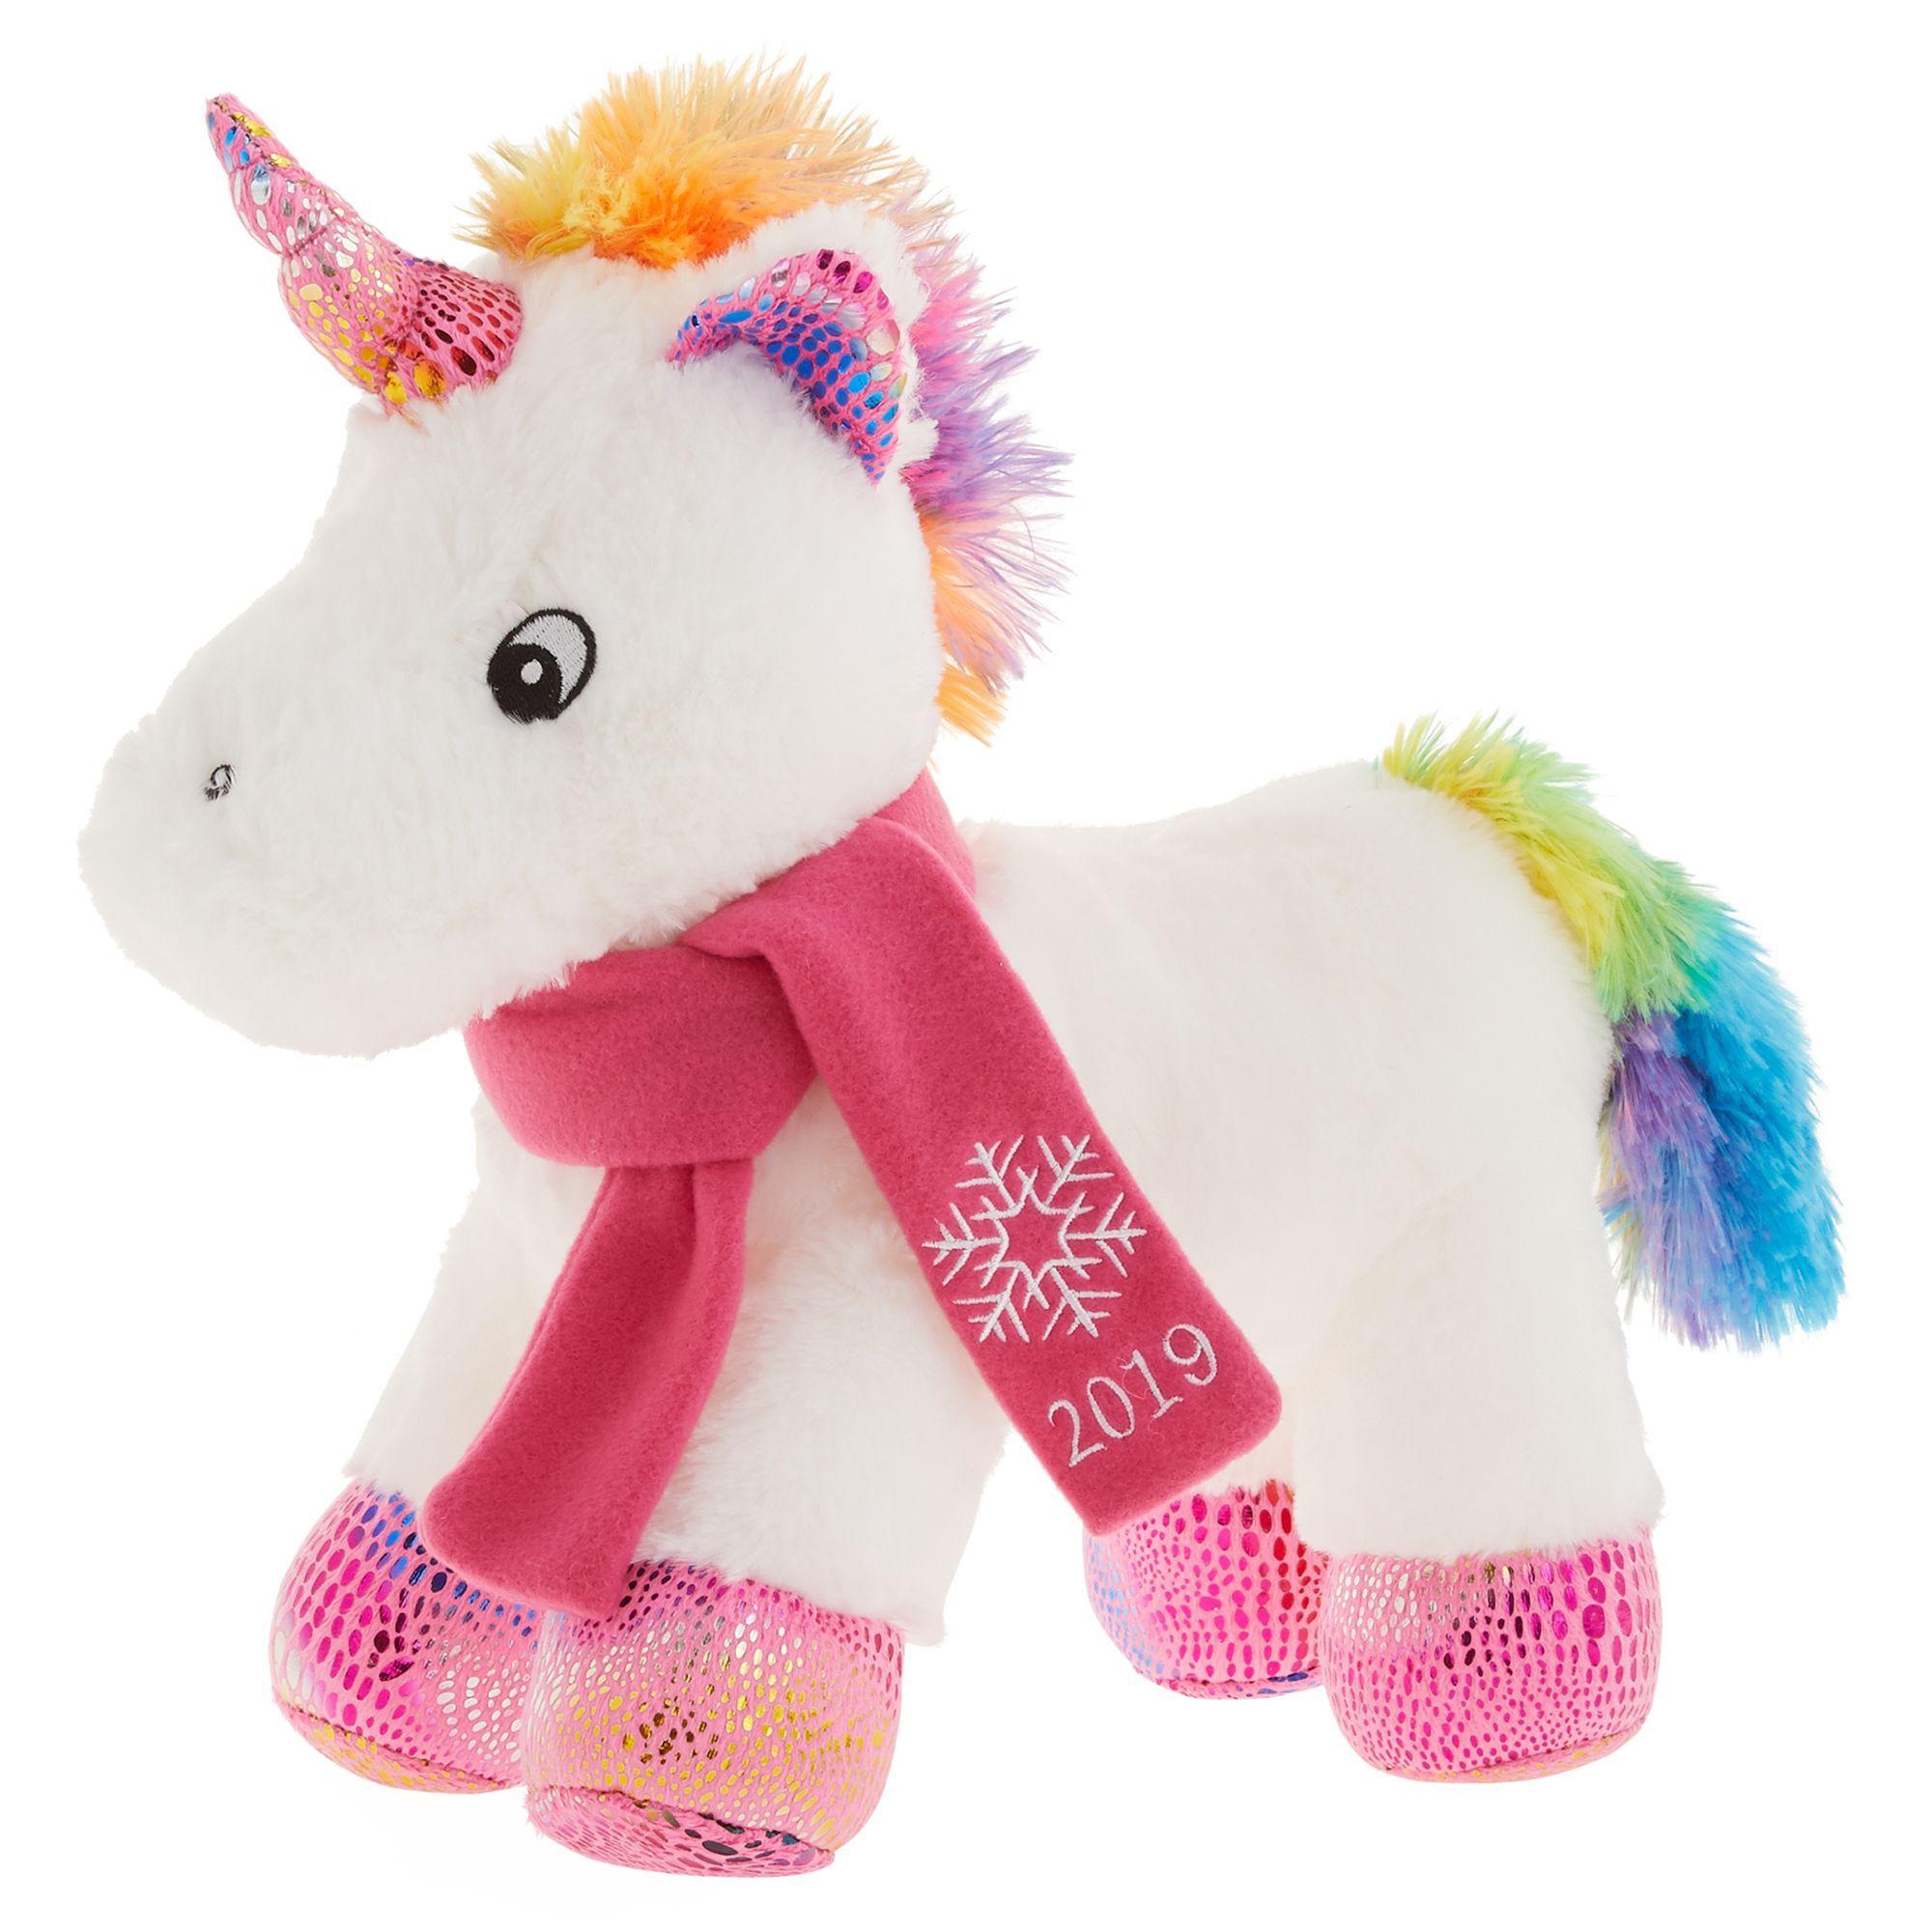 Petsmart Holiday Wish The Unicorn Dog Toy Plush Squeaker Size